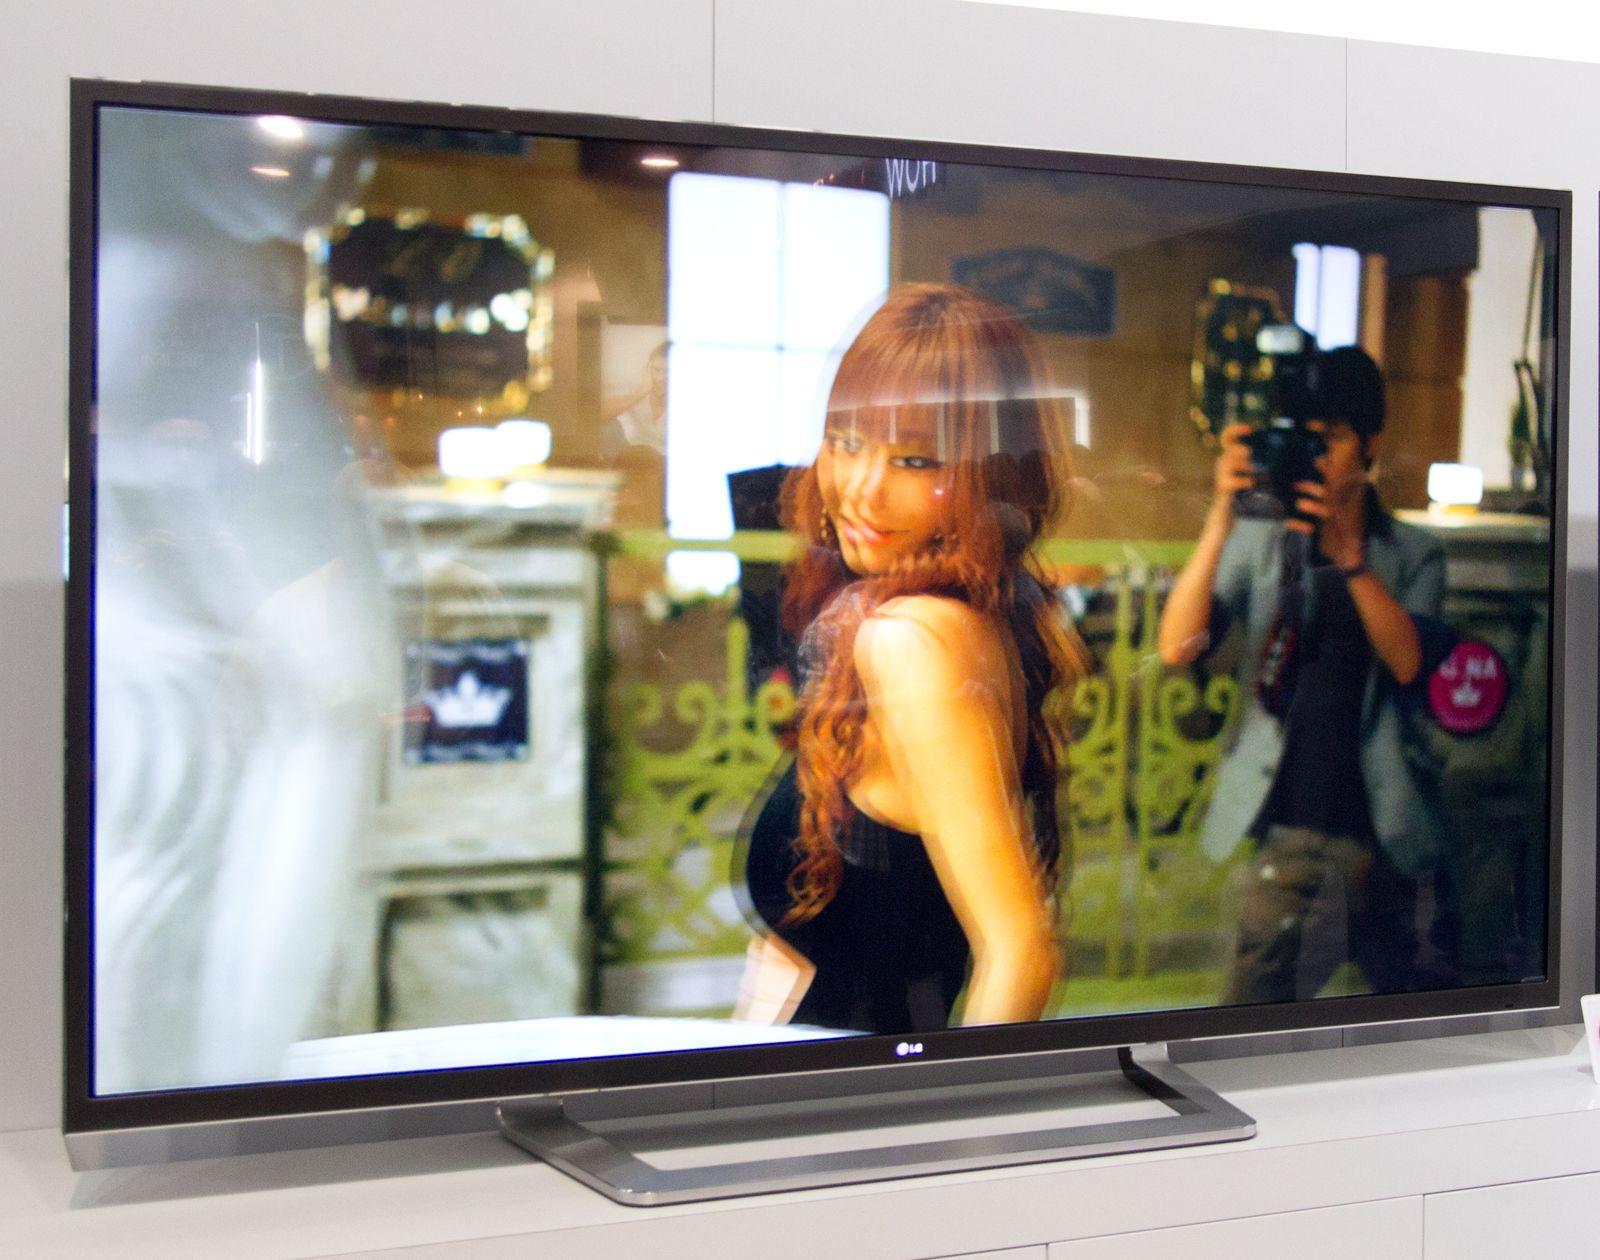 LG viste fram en 84 tommer stor 4K-TV på IFA-messen i Berlin i høst.Foto: Hardware.no